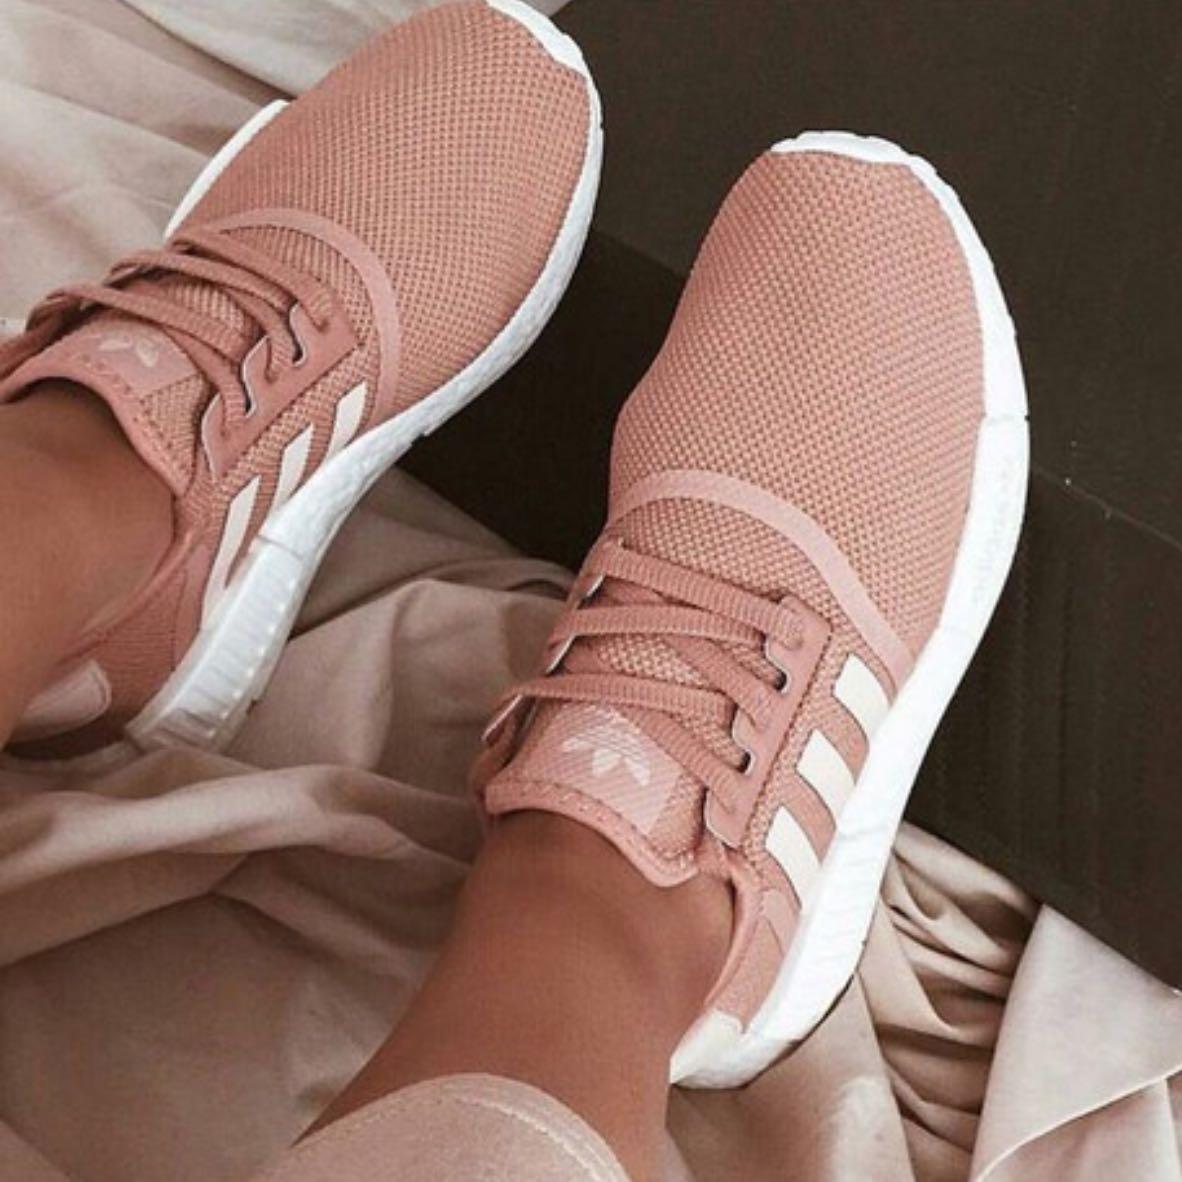 Mädchen Rcbqdewxoe Nmd Nmd Schuhe Adidas Schuhe Rcbqdewxoe Adidas Mädchen Adidas 4ARL3j5